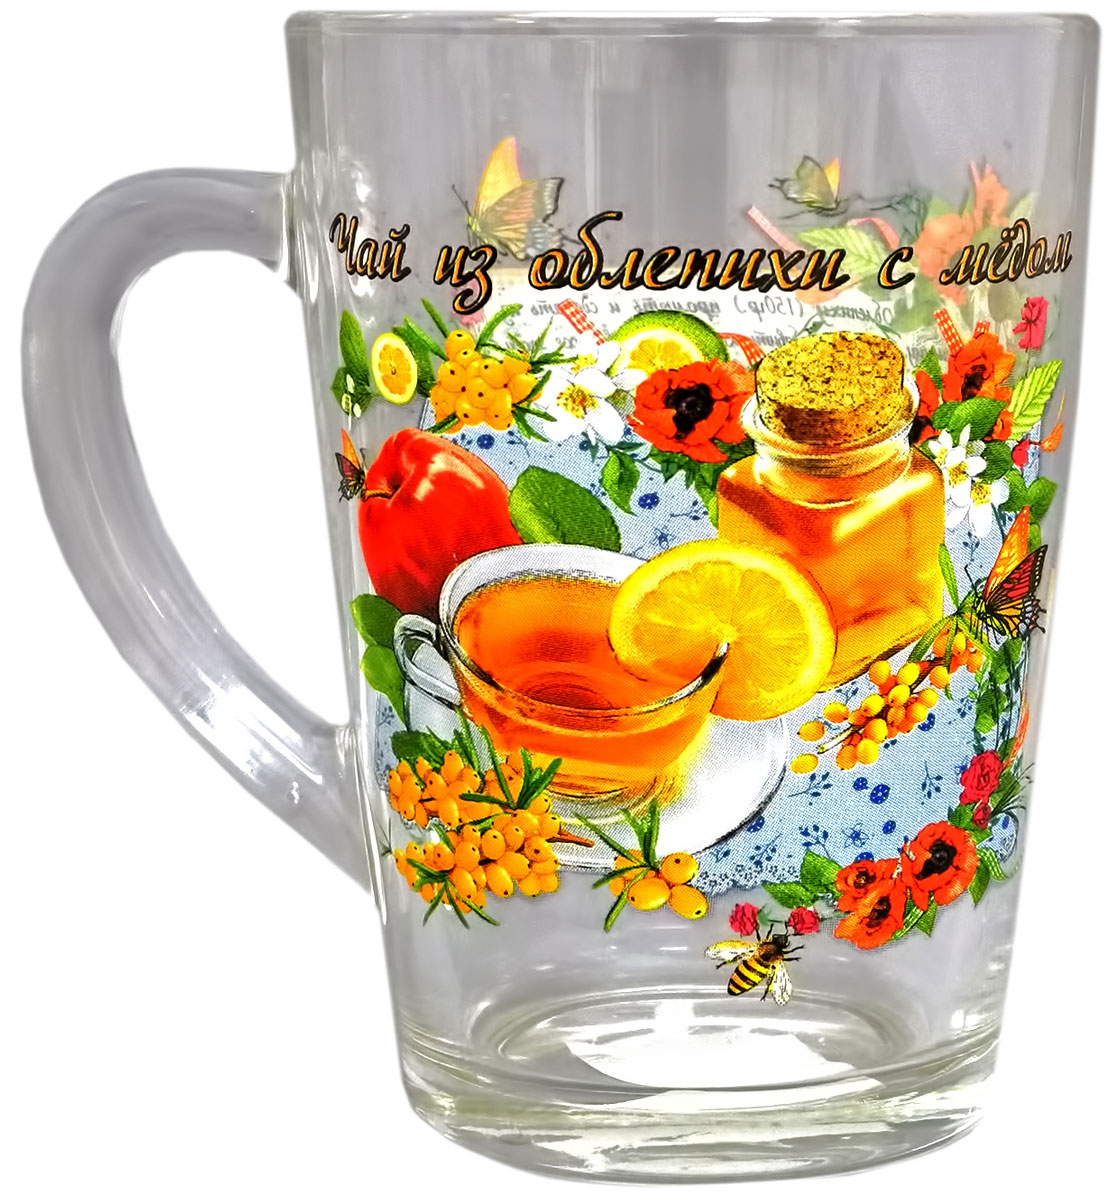 Кружка Квестор Капучино. Чай из облепихи с медом, 300 мл103-009Кружка Капучино. Чай из облепихи с медом выполнена из стекла. Внешняя сторона оформлена оригинальным рисунком и надписью.Кружка сочетает в себе оригинальный дизайн и функциональность. Благодаря такой кружке пить напитки будет еще вкуснее.